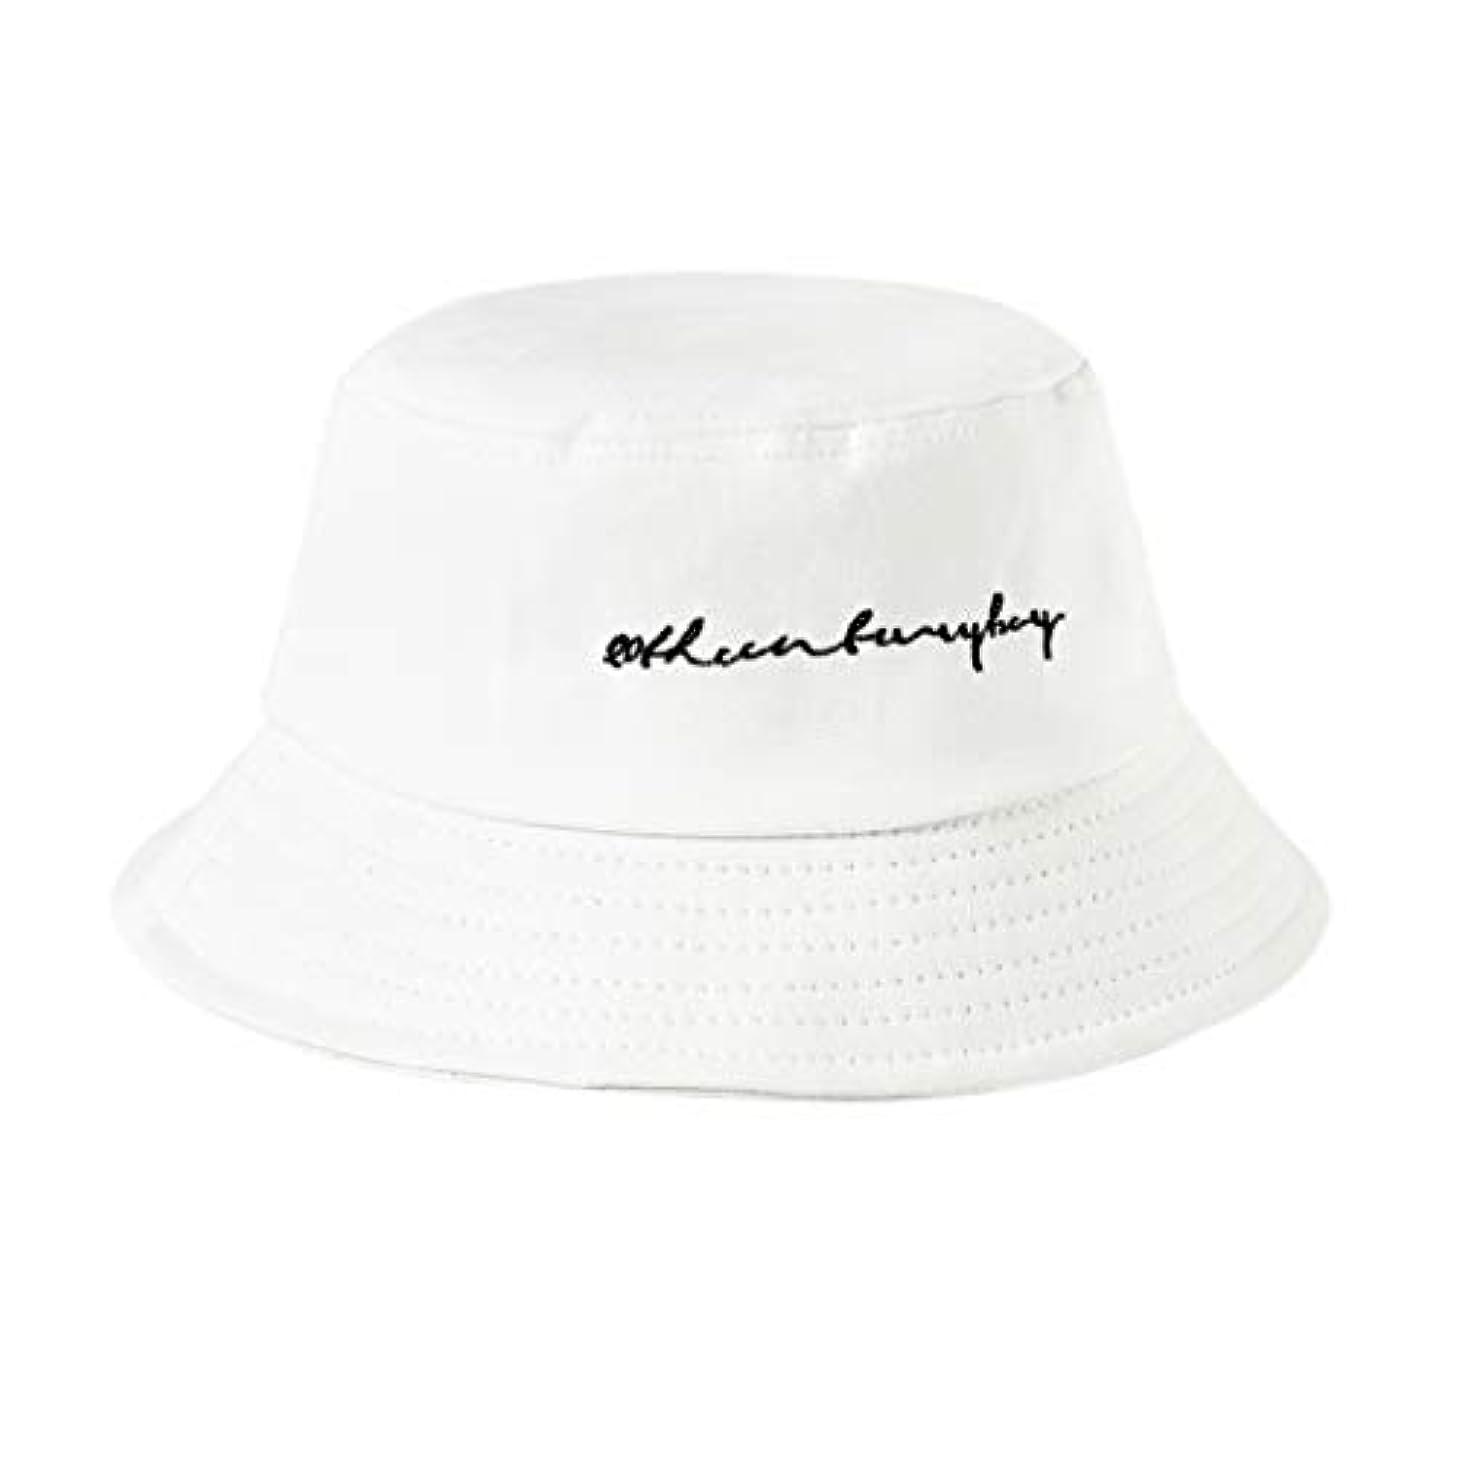 スパイラル優しさビットManyao 22色女性女の子面白い刺繍手紙広いつばバケツ帽子夏カジュアル原宿ヒップホップ学生スポーツ漁師キャップ